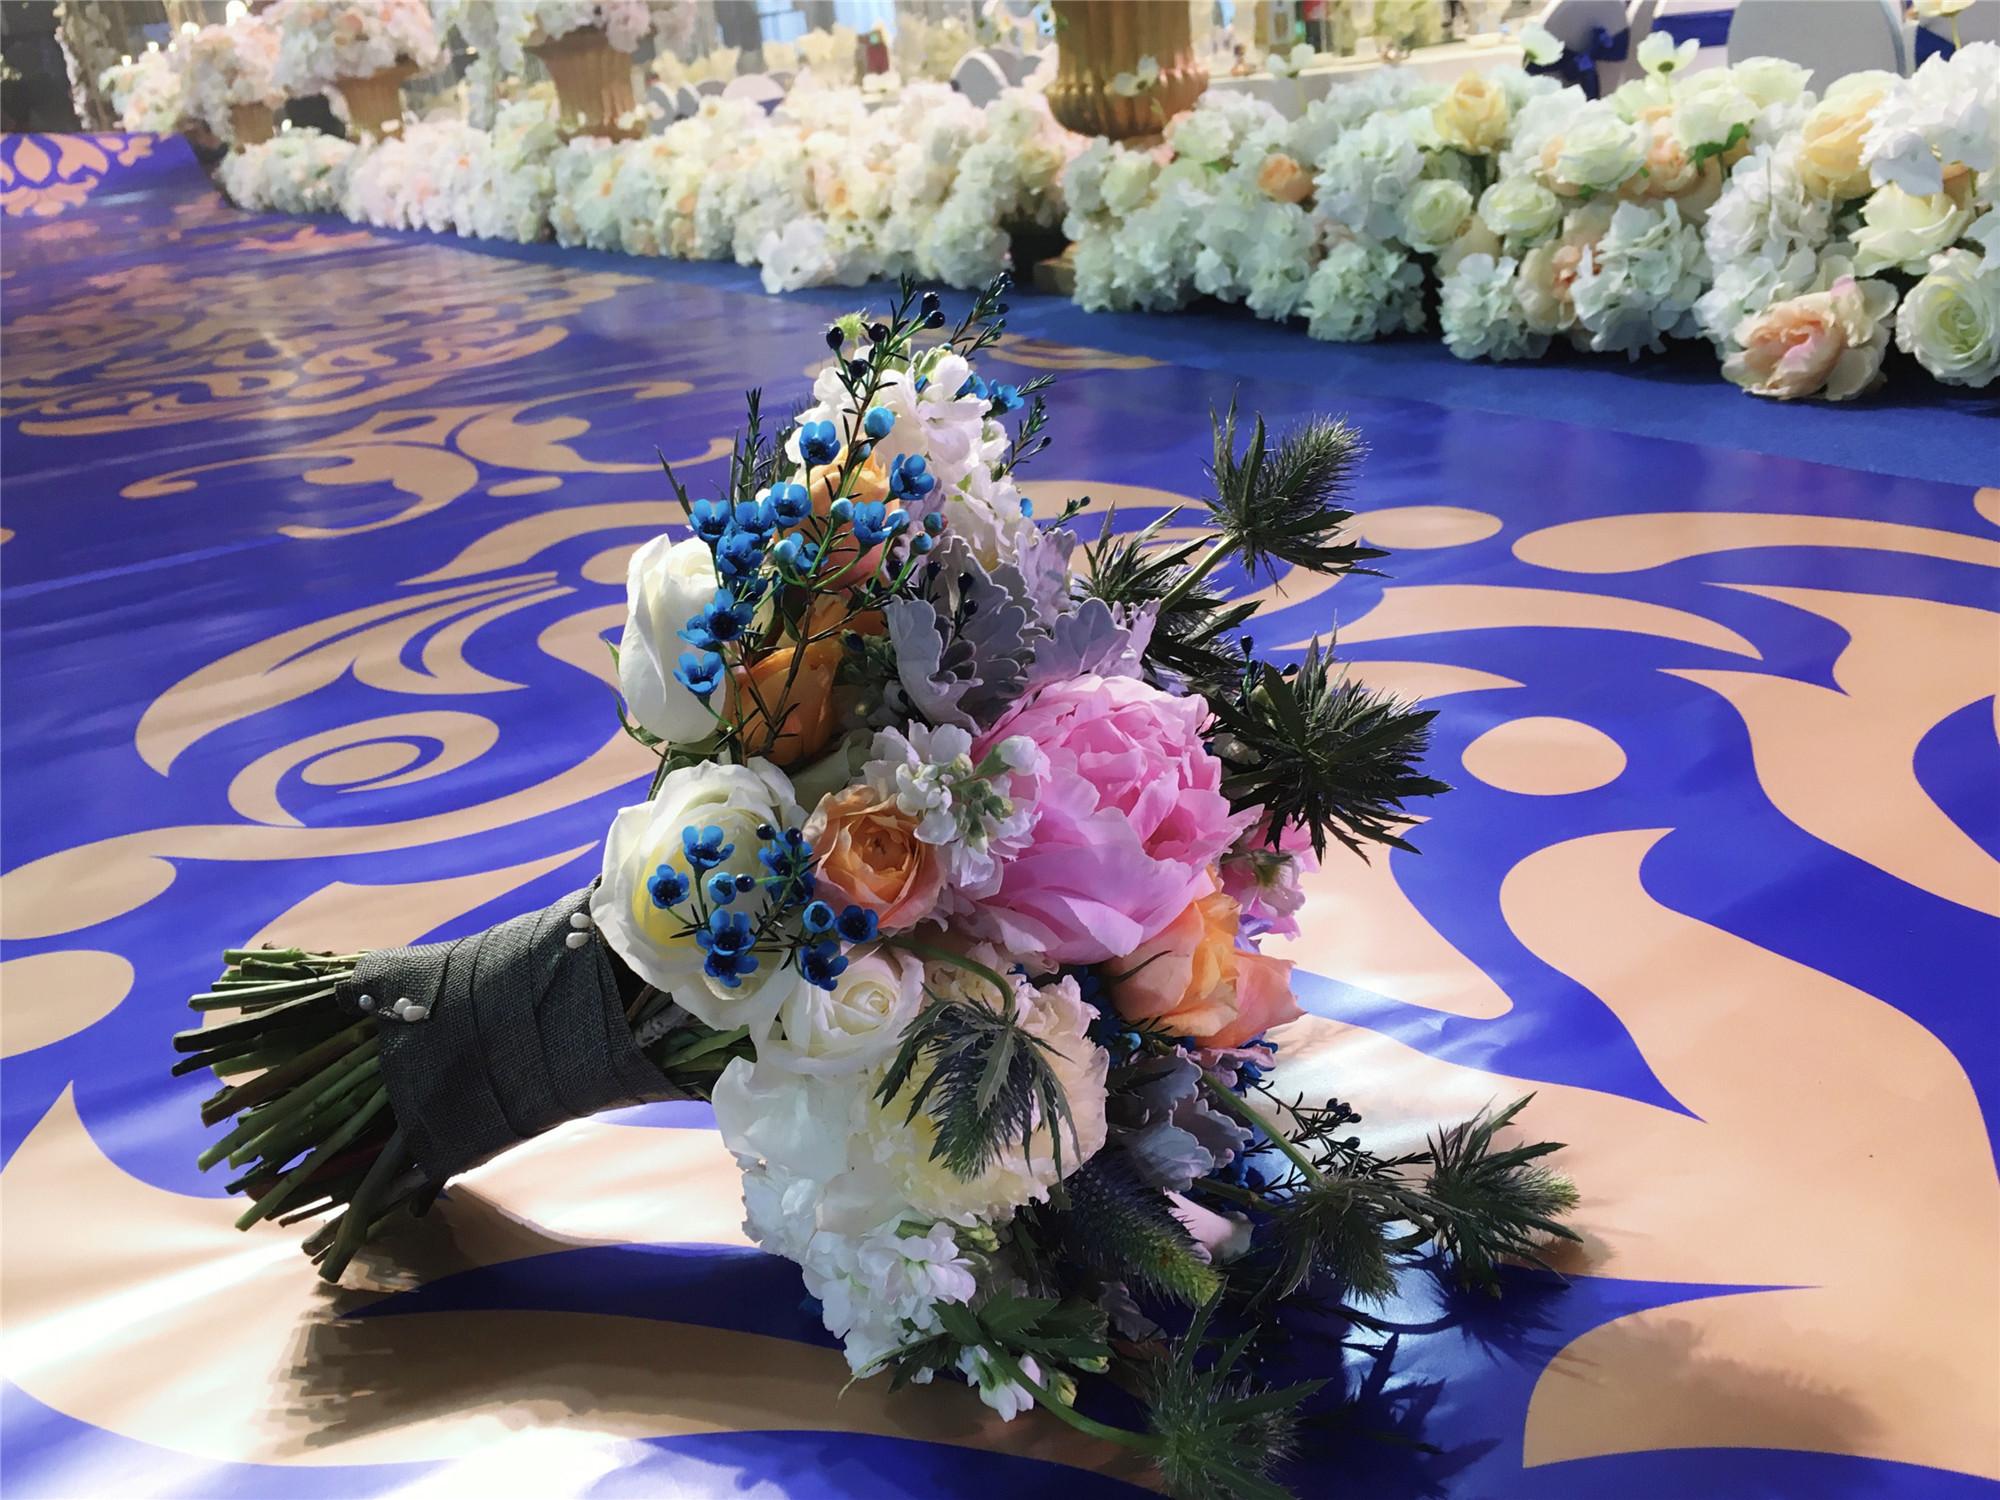 浪漫婚礼 让这份烛光婚礼满足你的一切幻想!